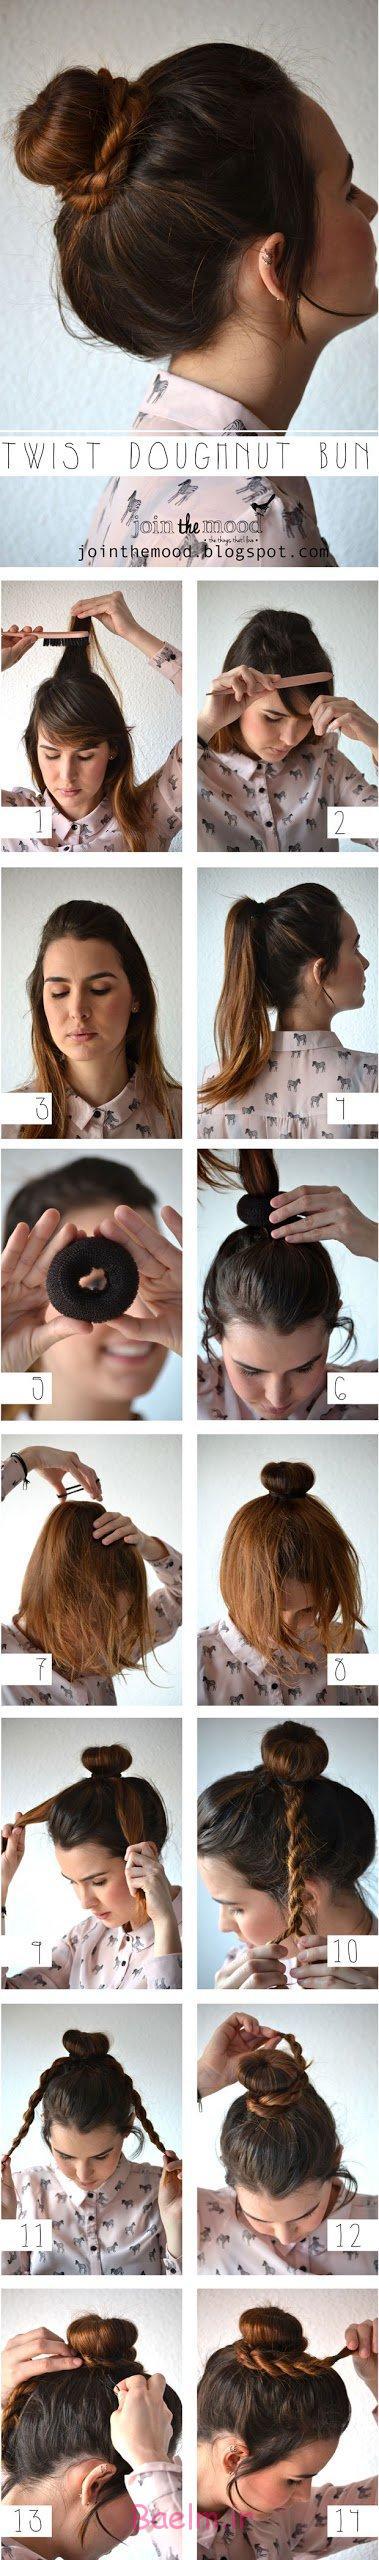 آموزش تصویری | آموزش بستن مو با یک روش ساده برای مهمانی (سری 4)